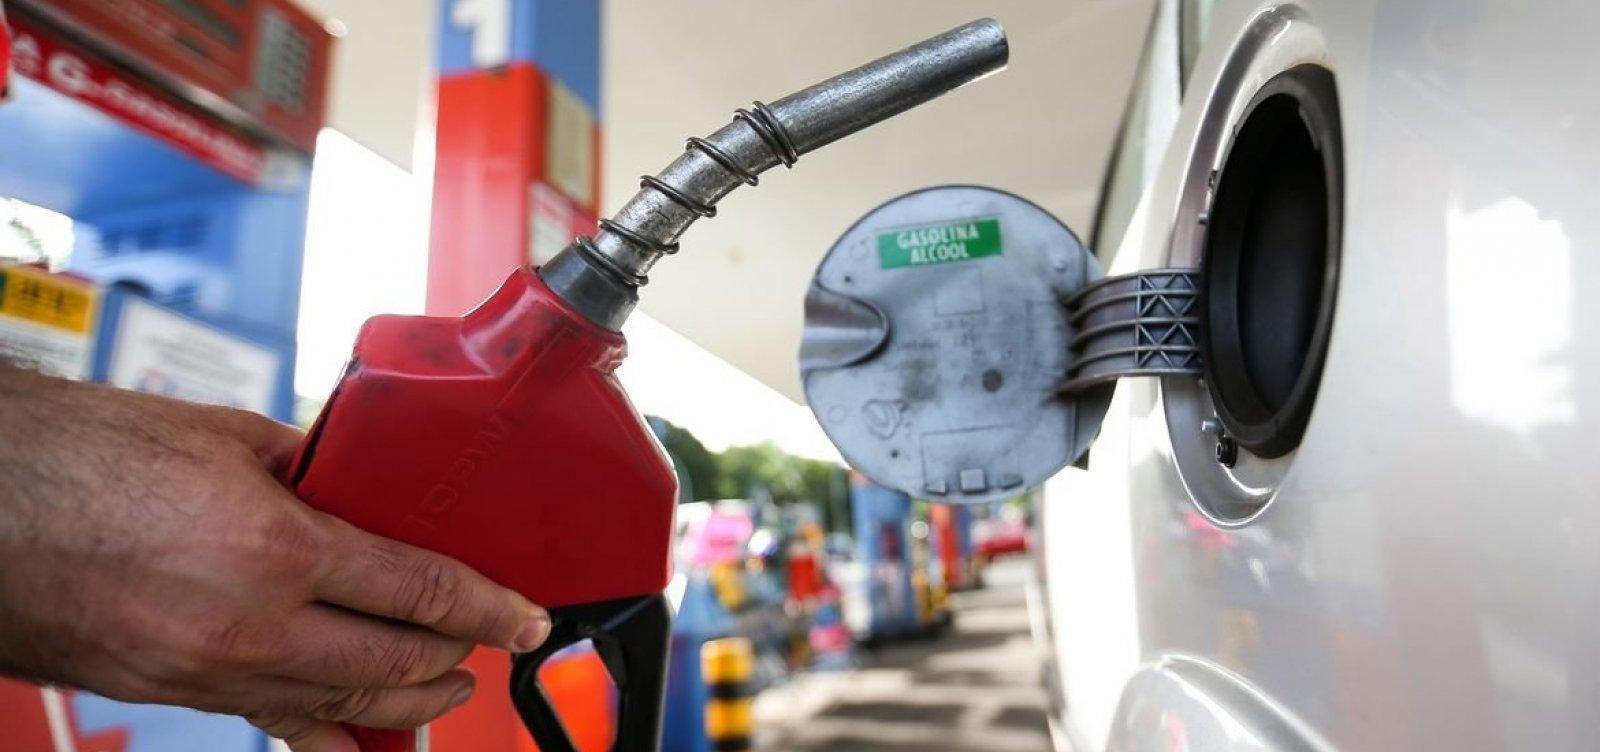 Gasolina sobe 3,3% em uma semana e já custa R$ 7 em seis estados